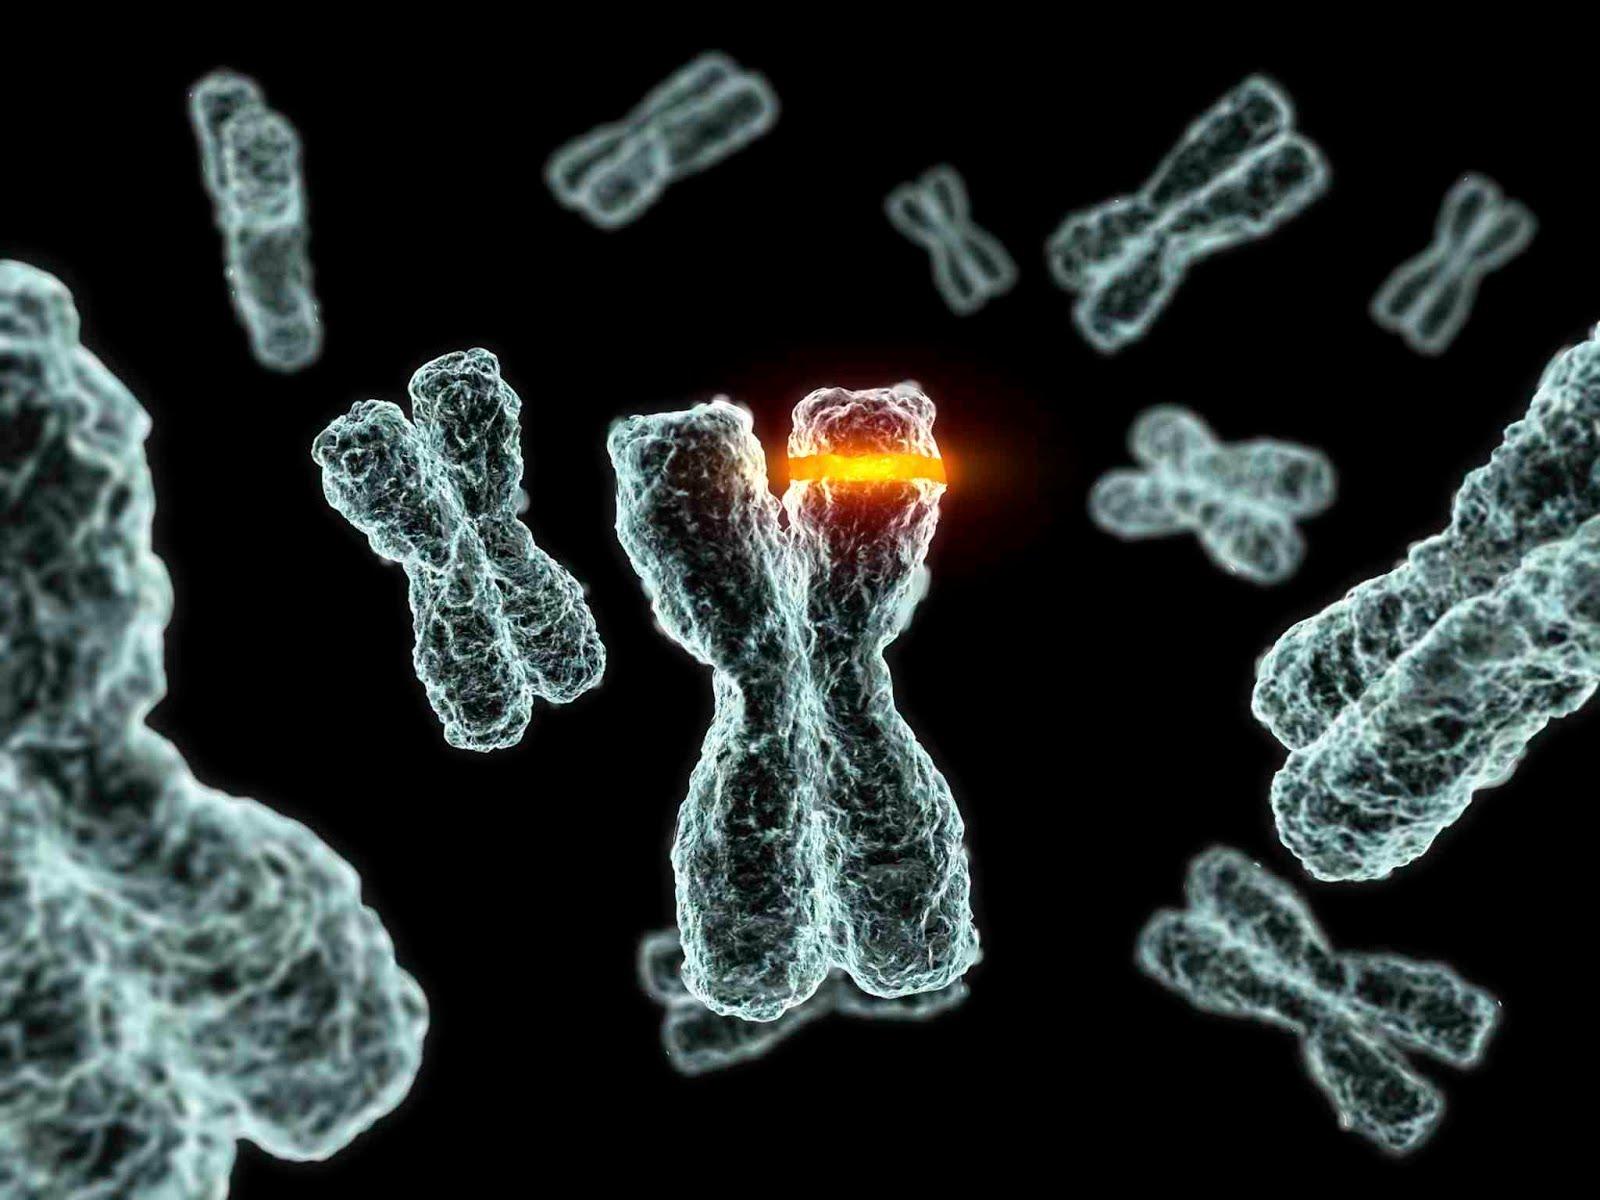 Enfermedades genéticas del ADN mitocondrial humano